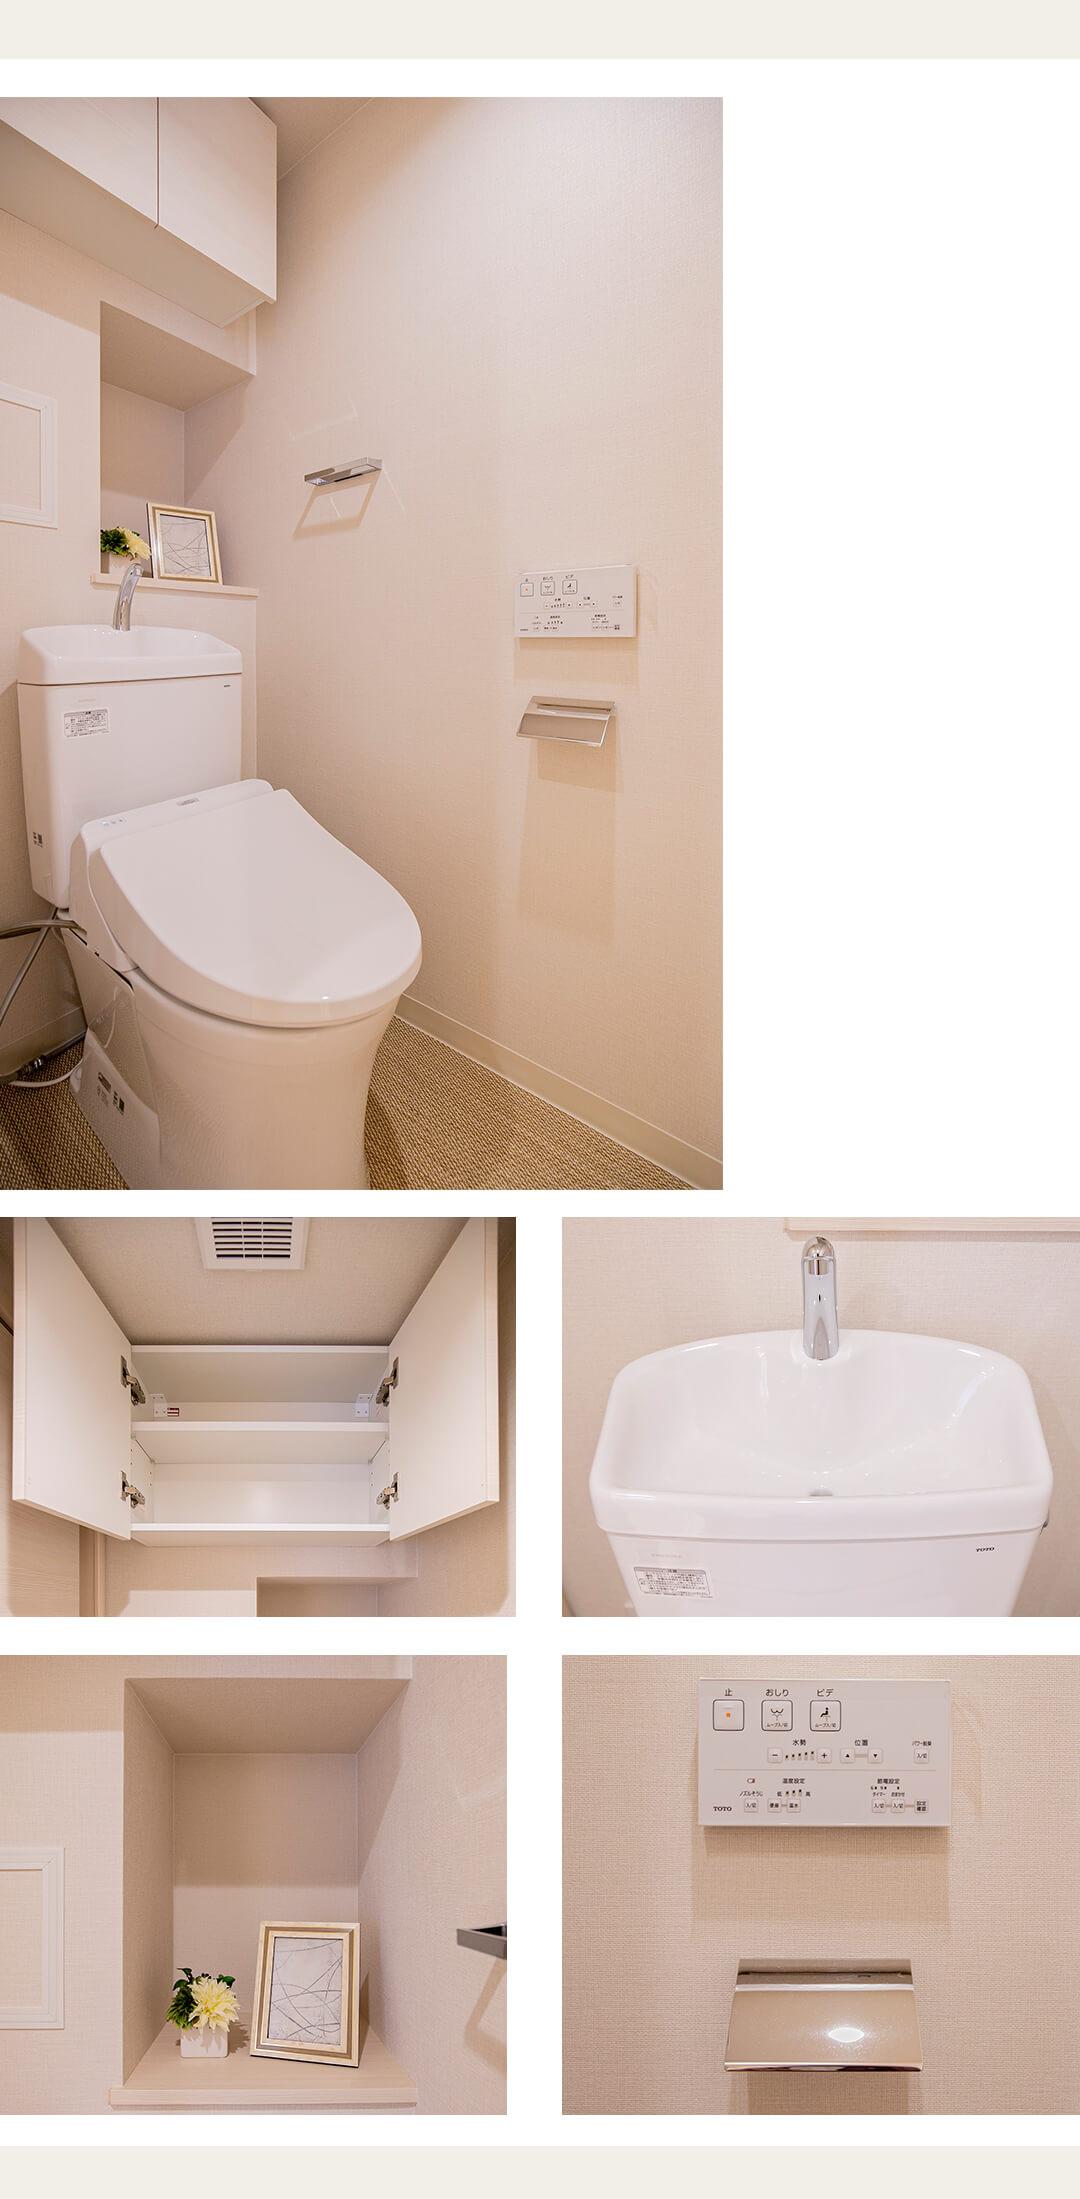 シーズクロノス新宿戸山のトイレ